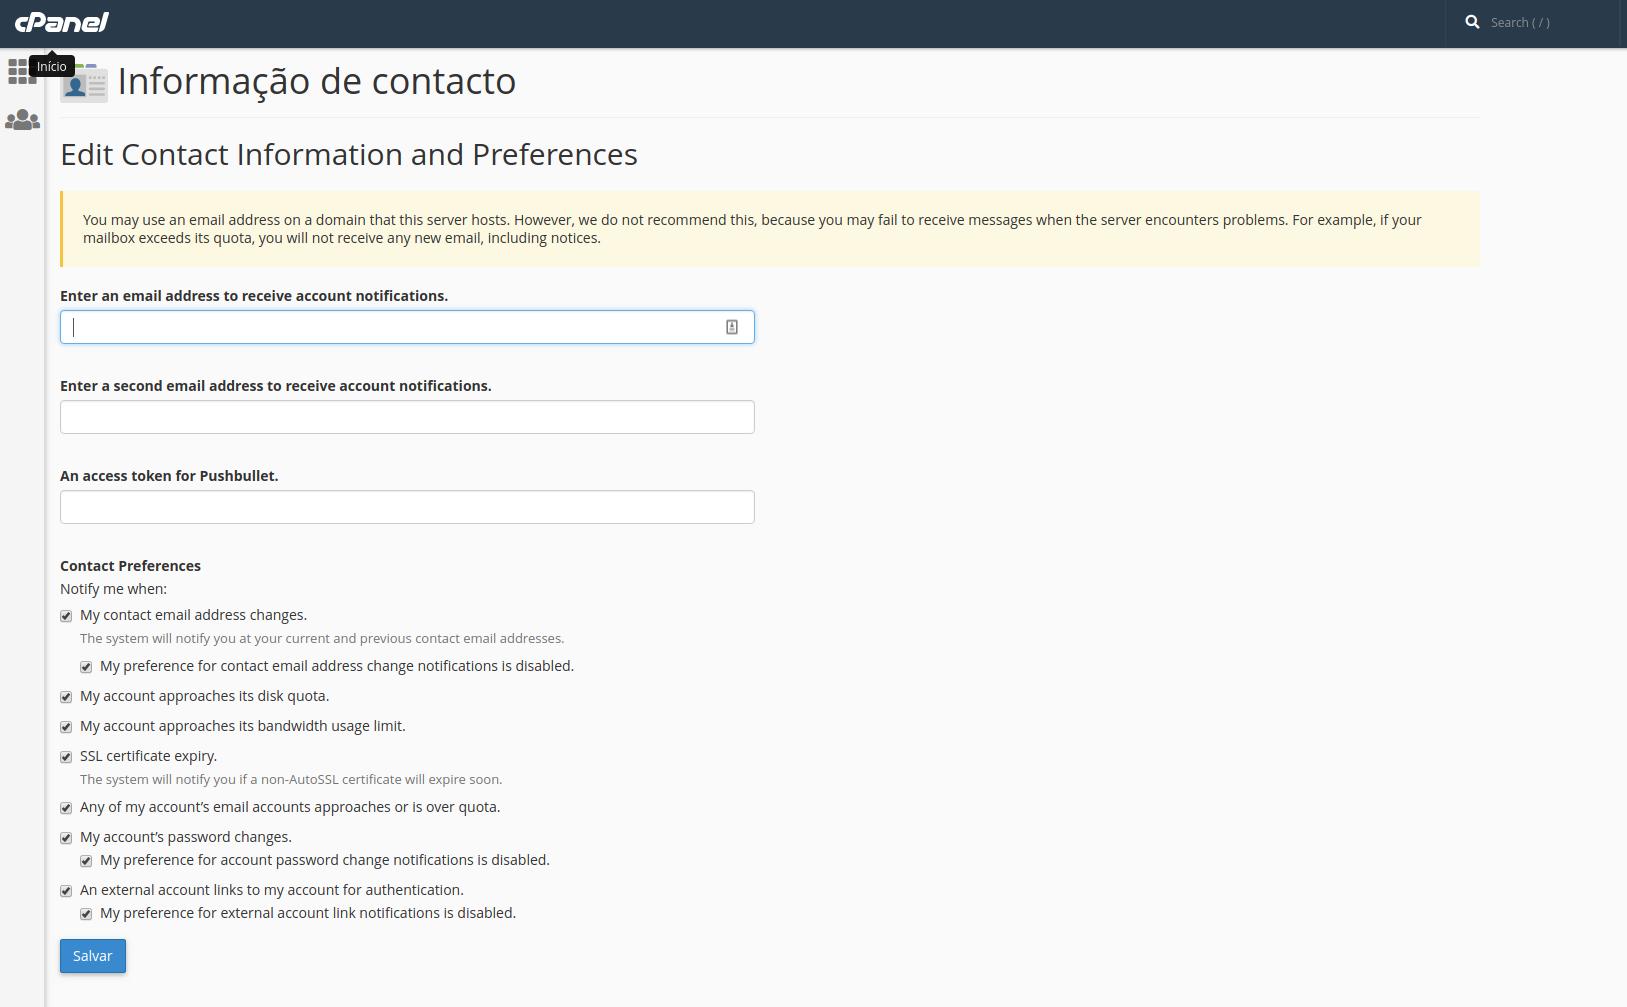 Como alterar informação de contacto no Cpanel? - LusoAloja